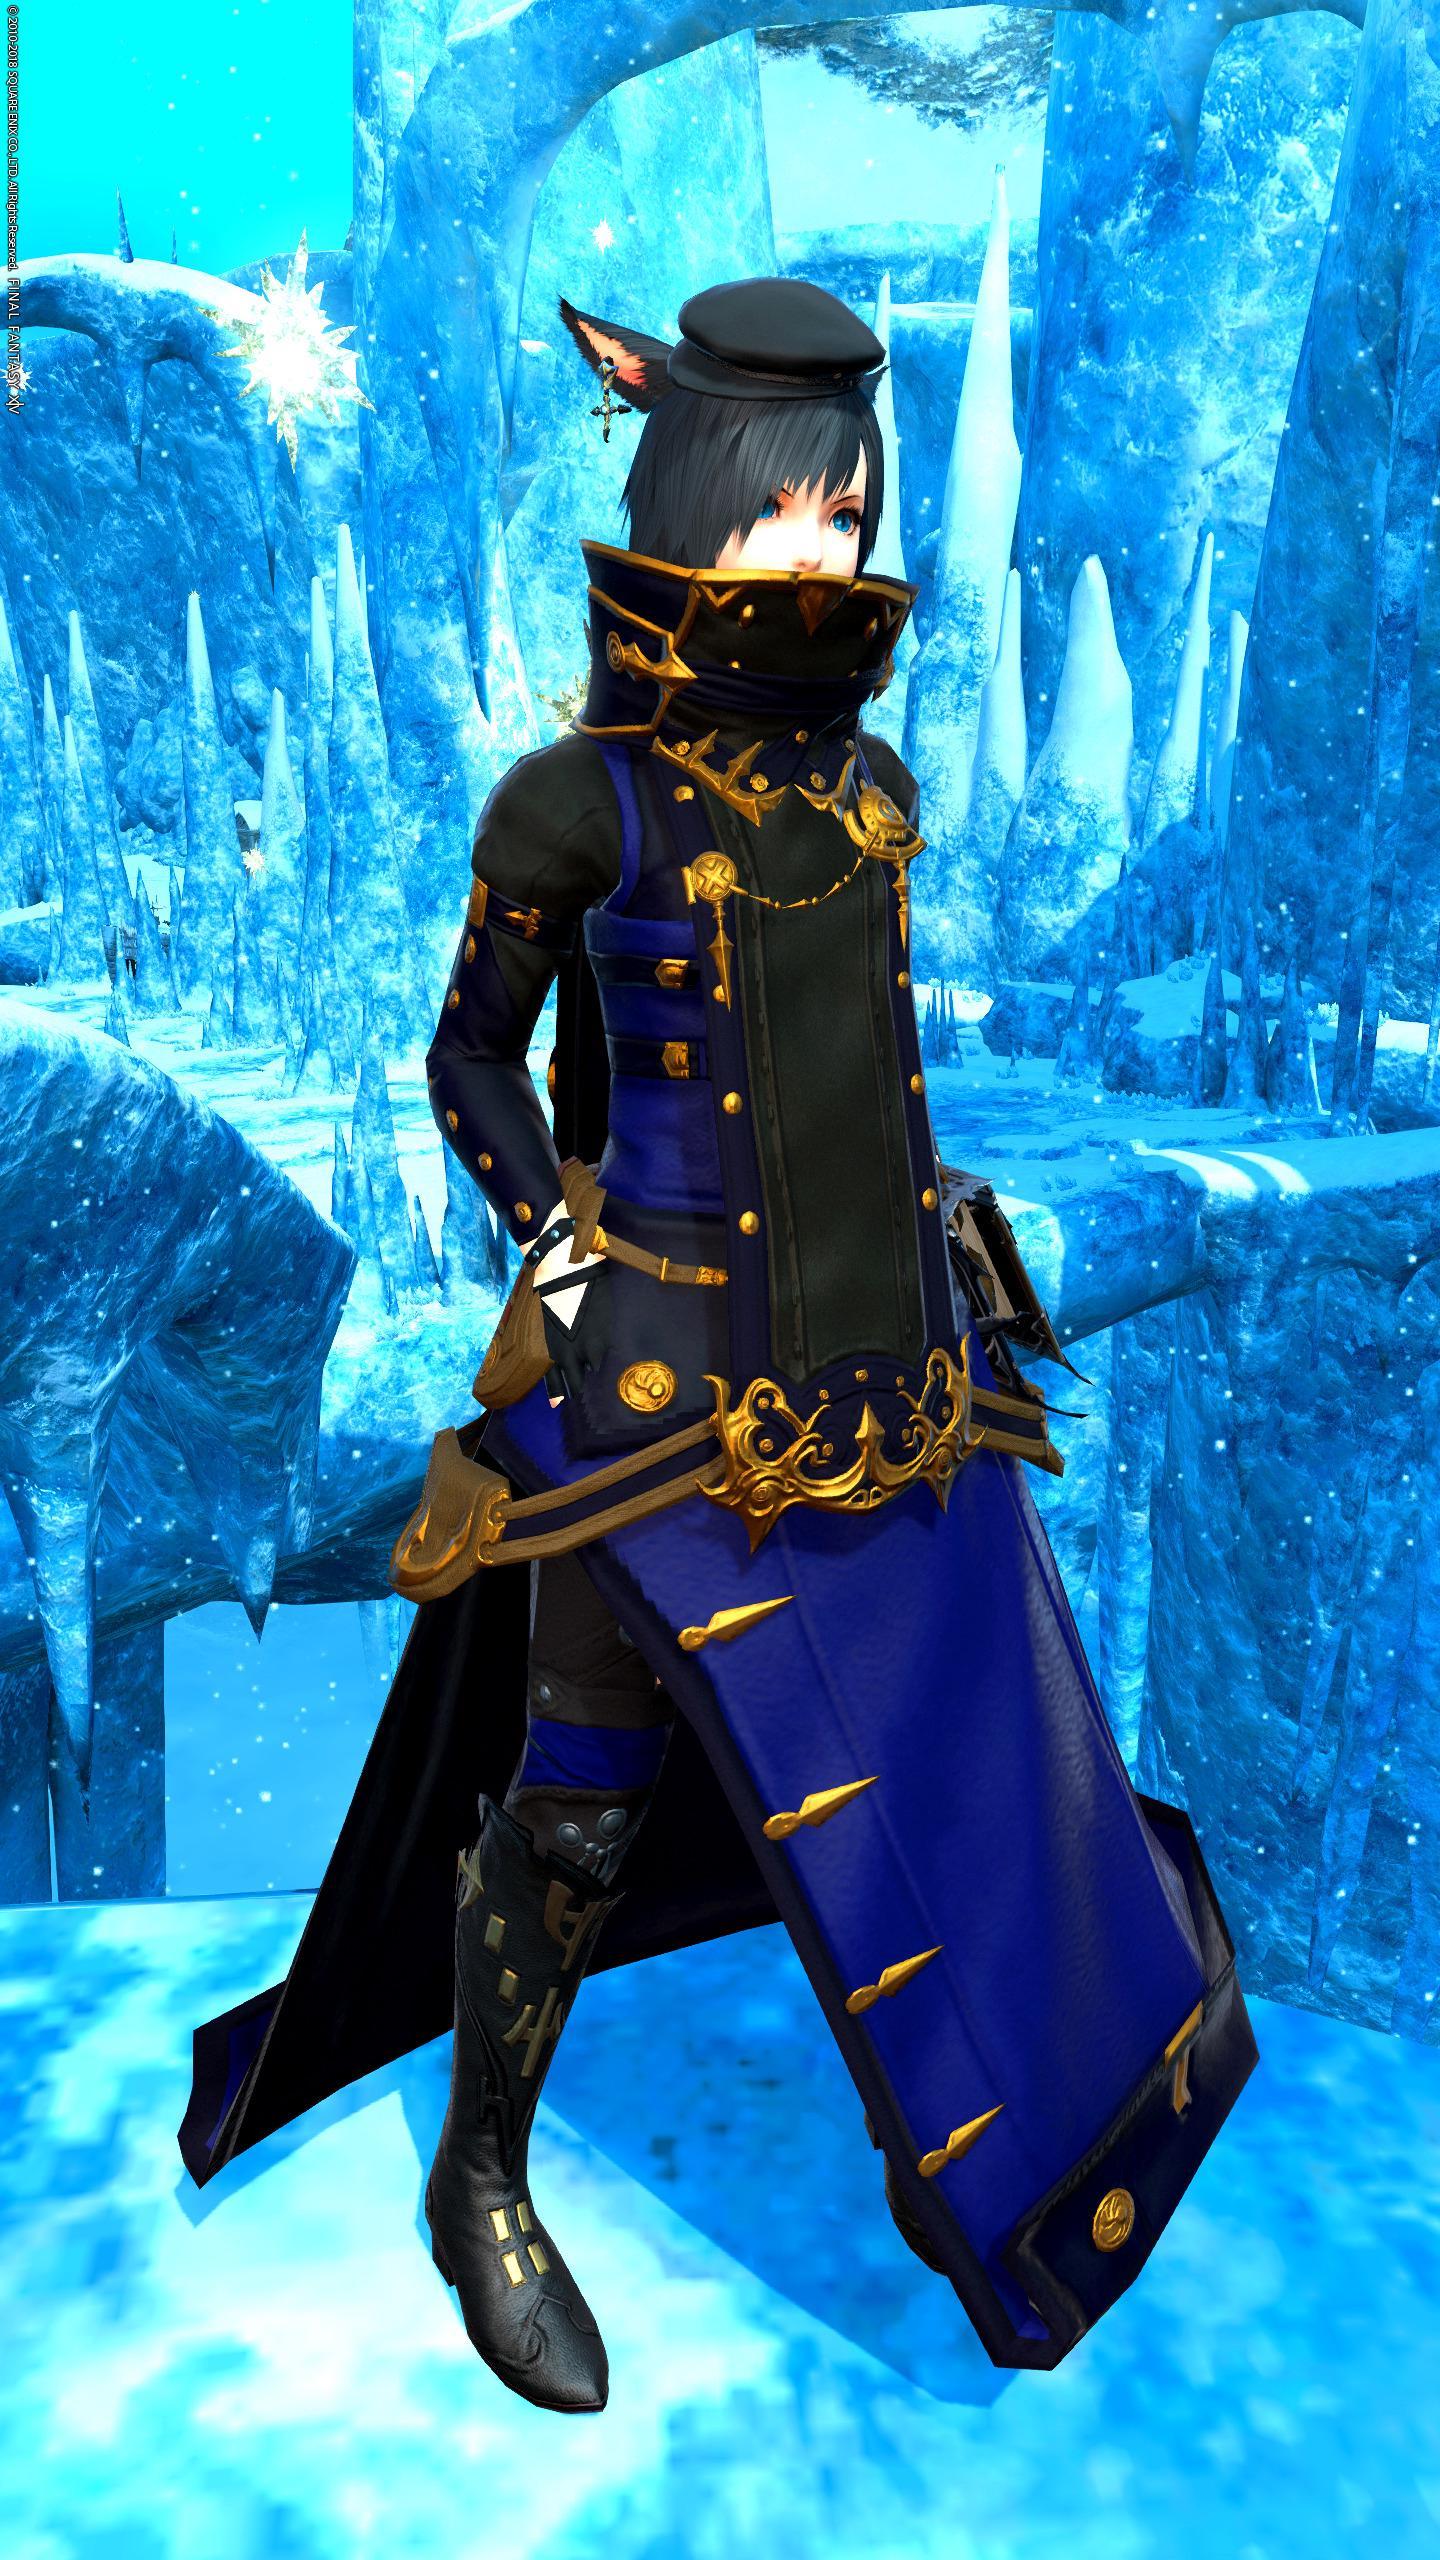 BlueScenery